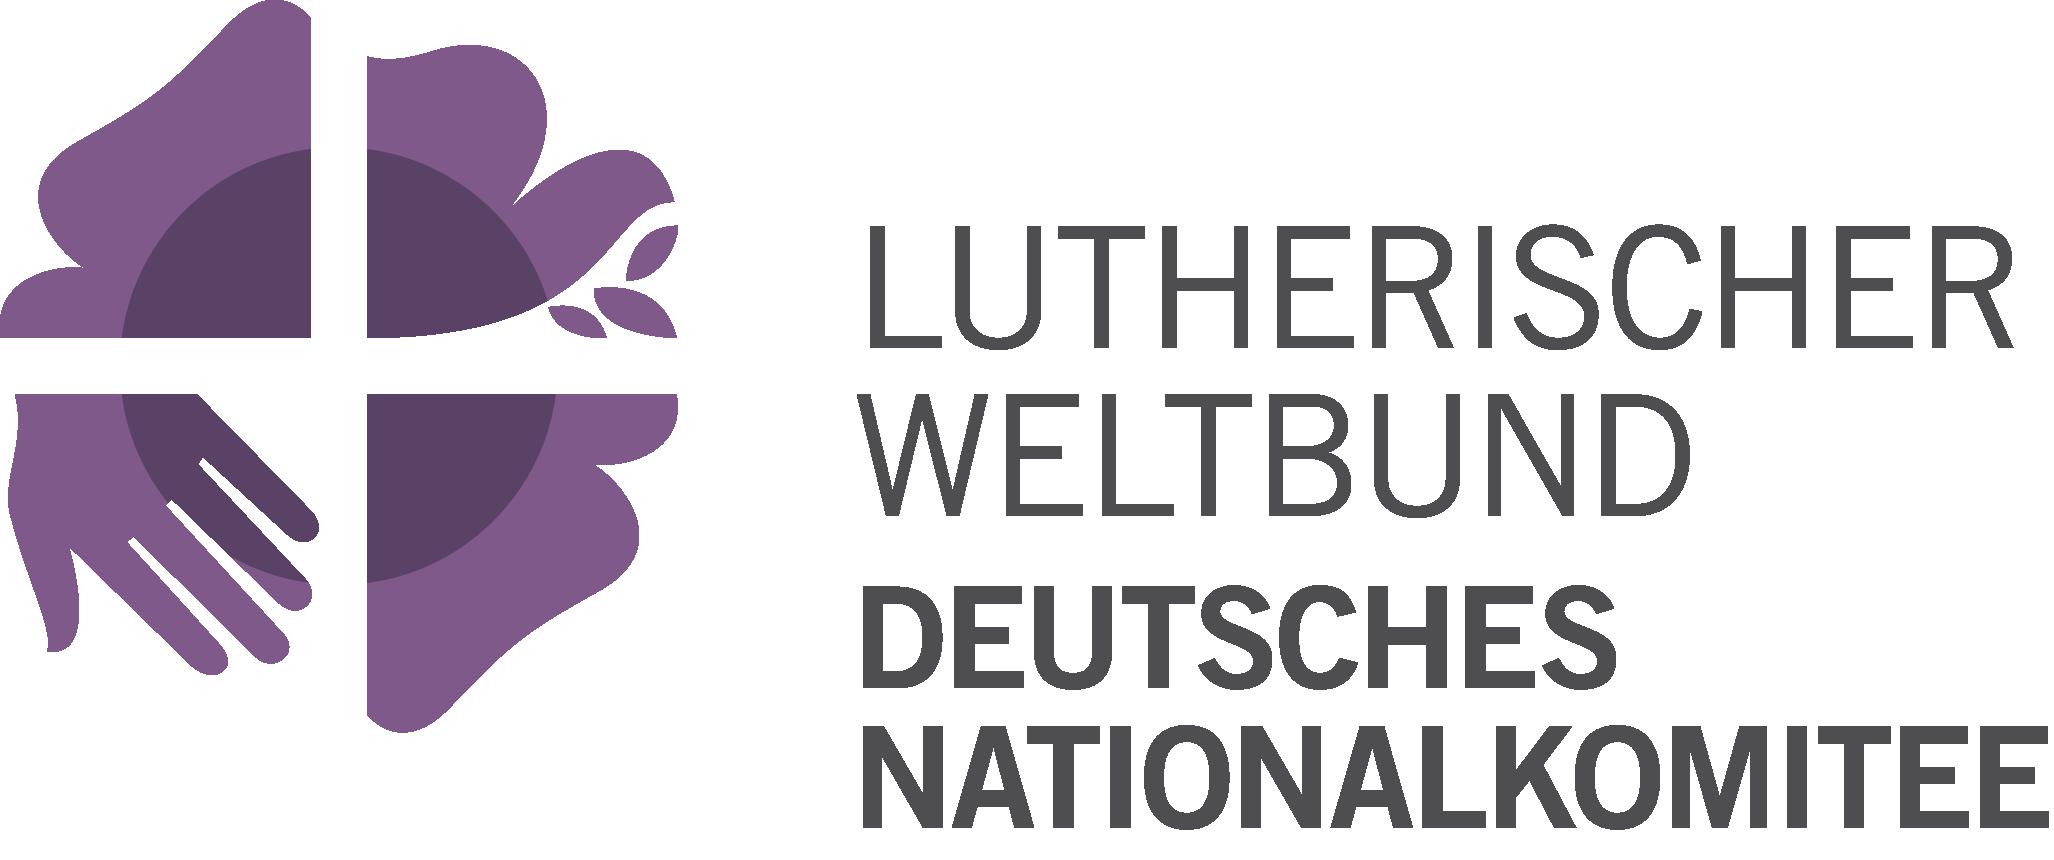 Lutherische Weltbund